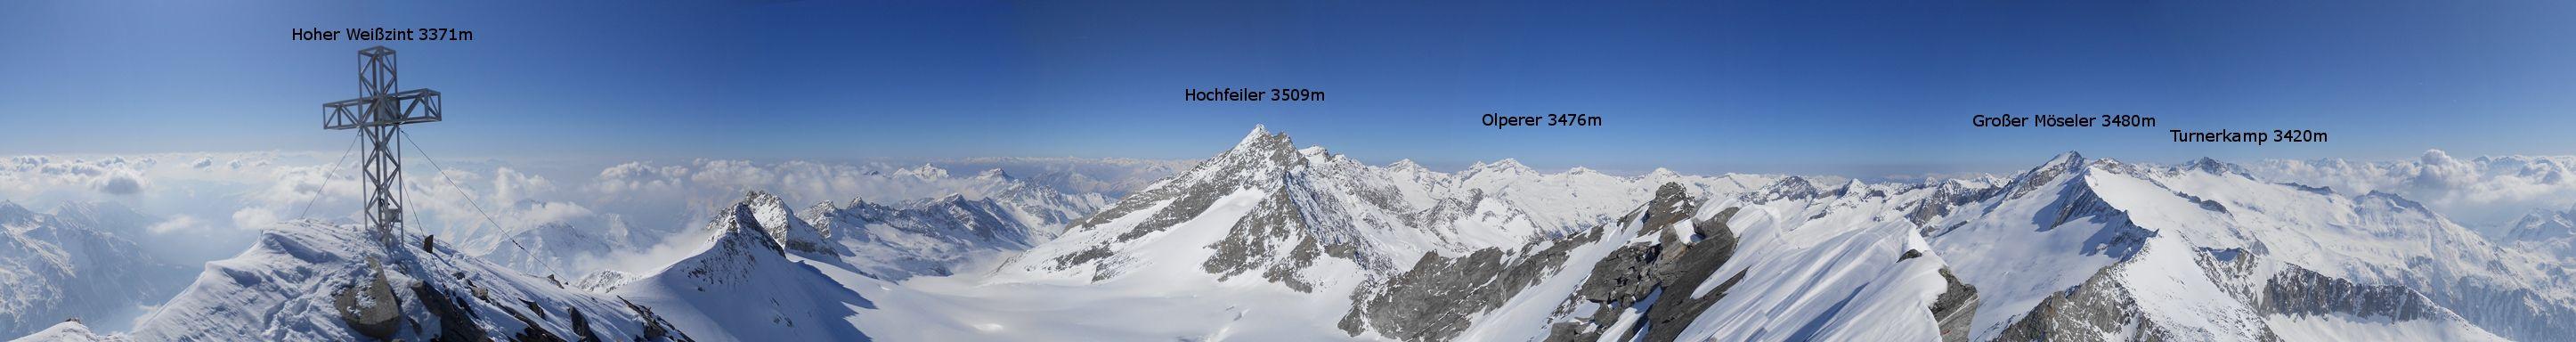 Panorama_HoherWeisszint